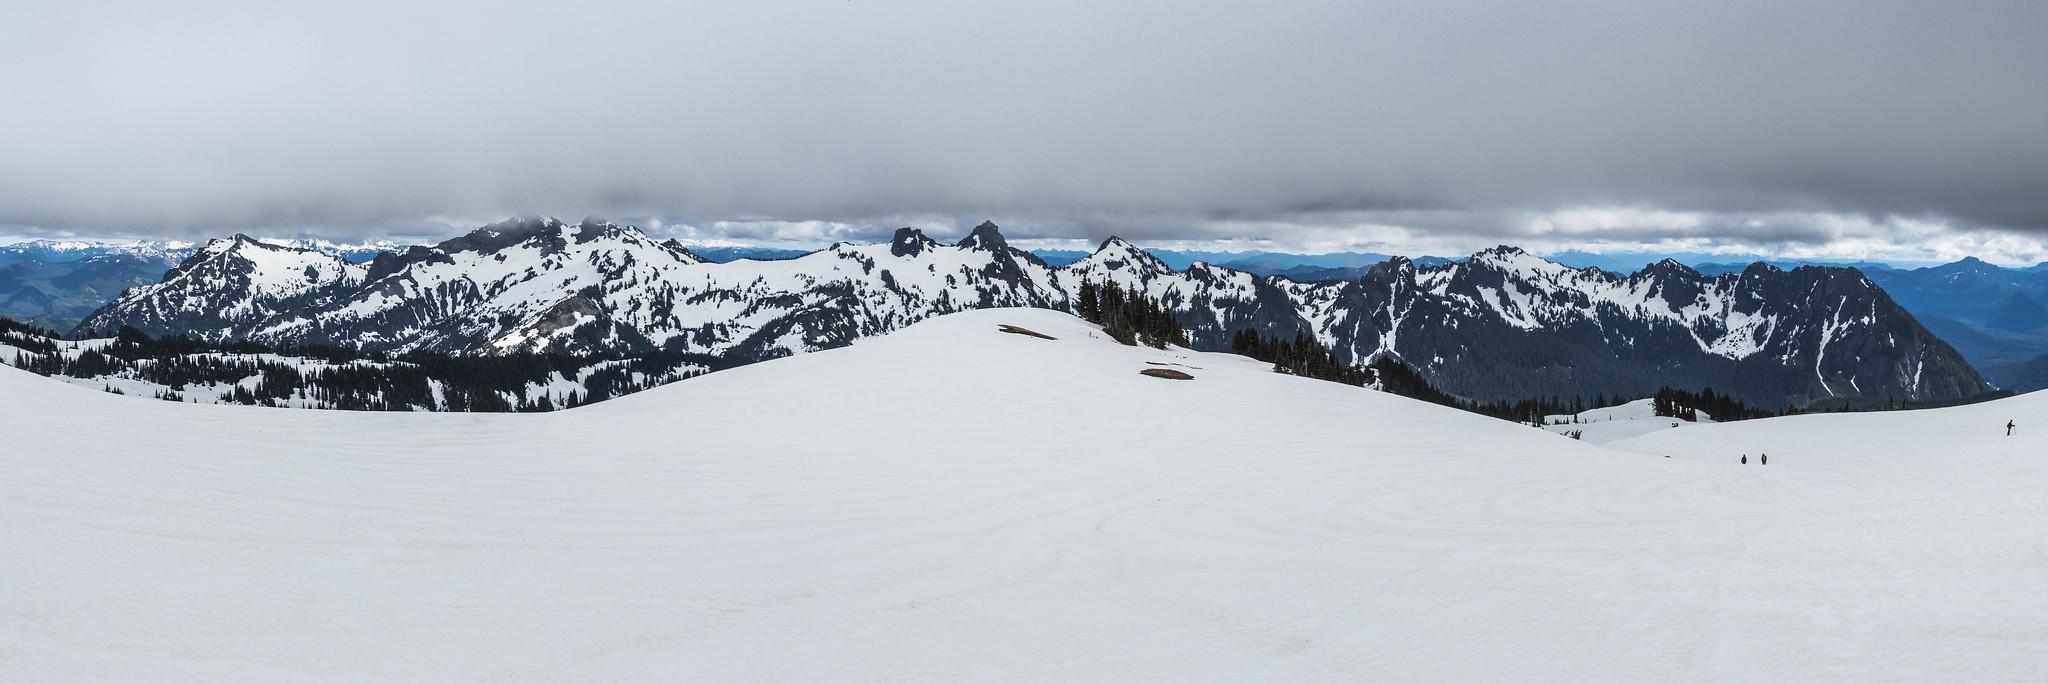 Tatoosh Range panoramic view